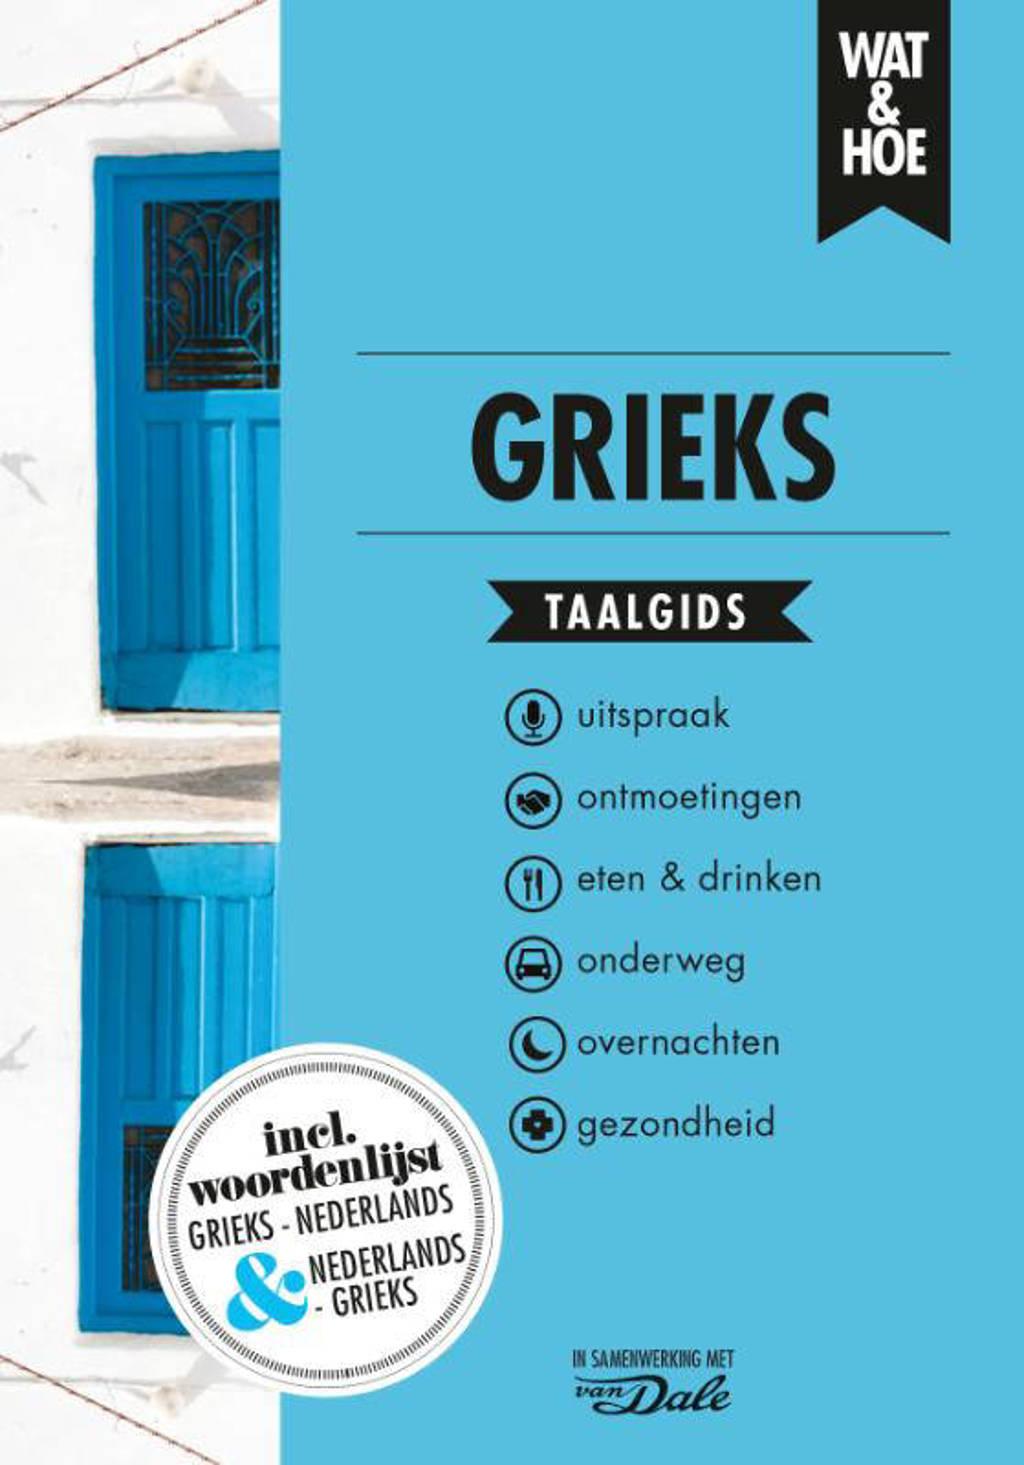 Wat & Hoe taalgids: Grieks - Wat & Hoe taalgids